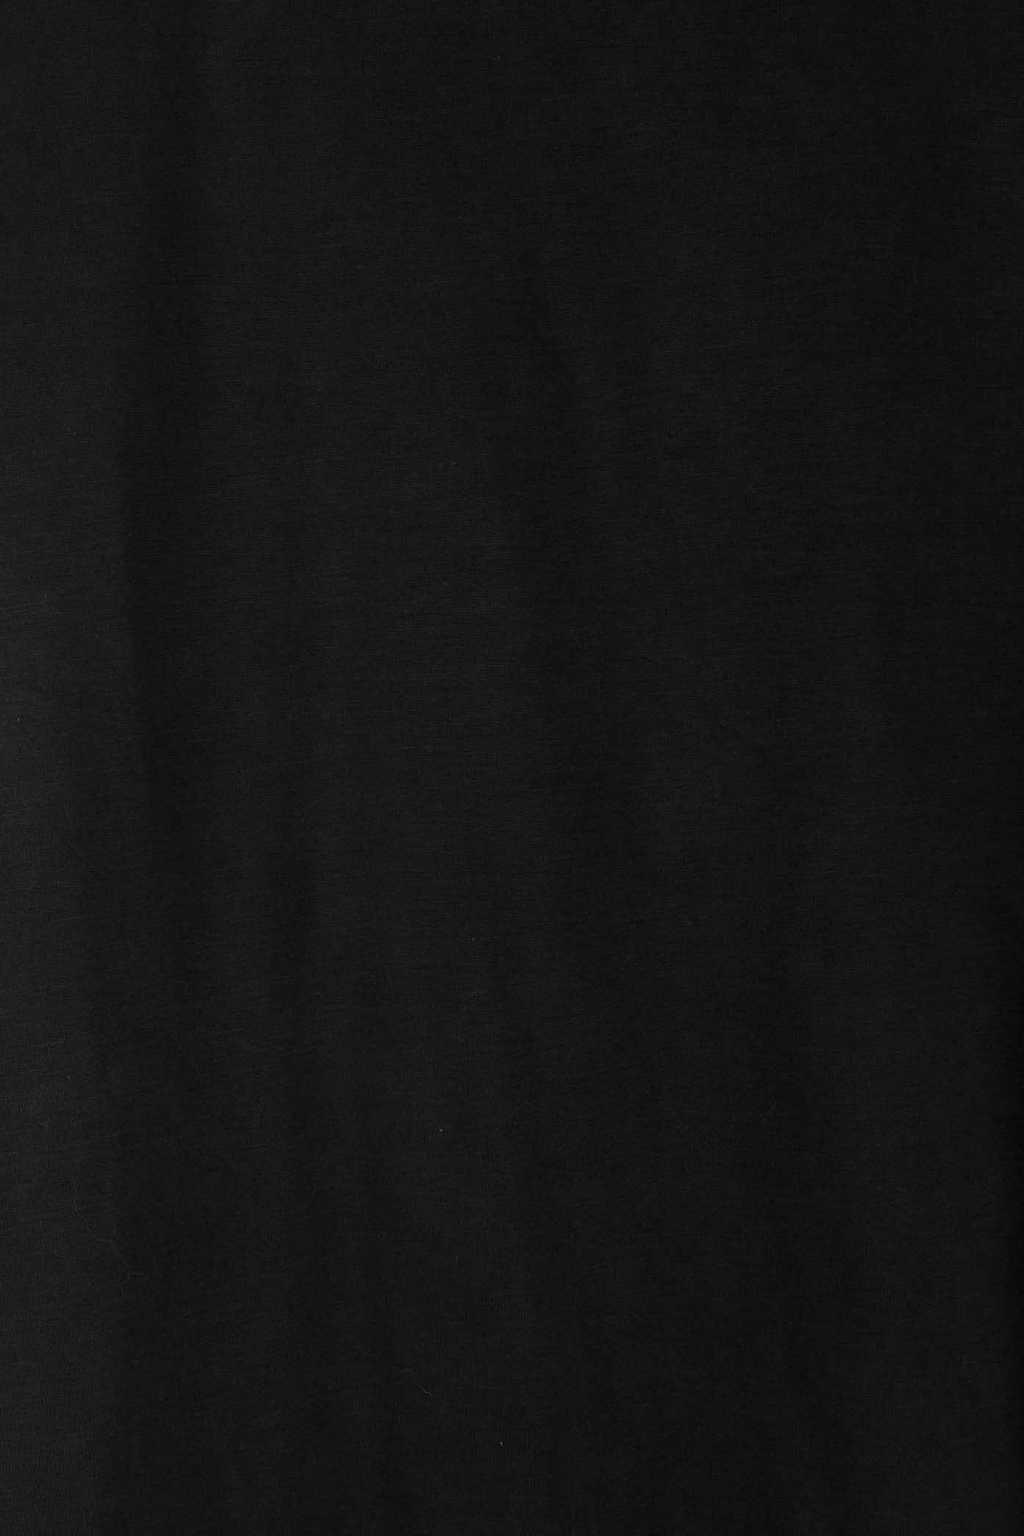 TShirt 1440 Black 8